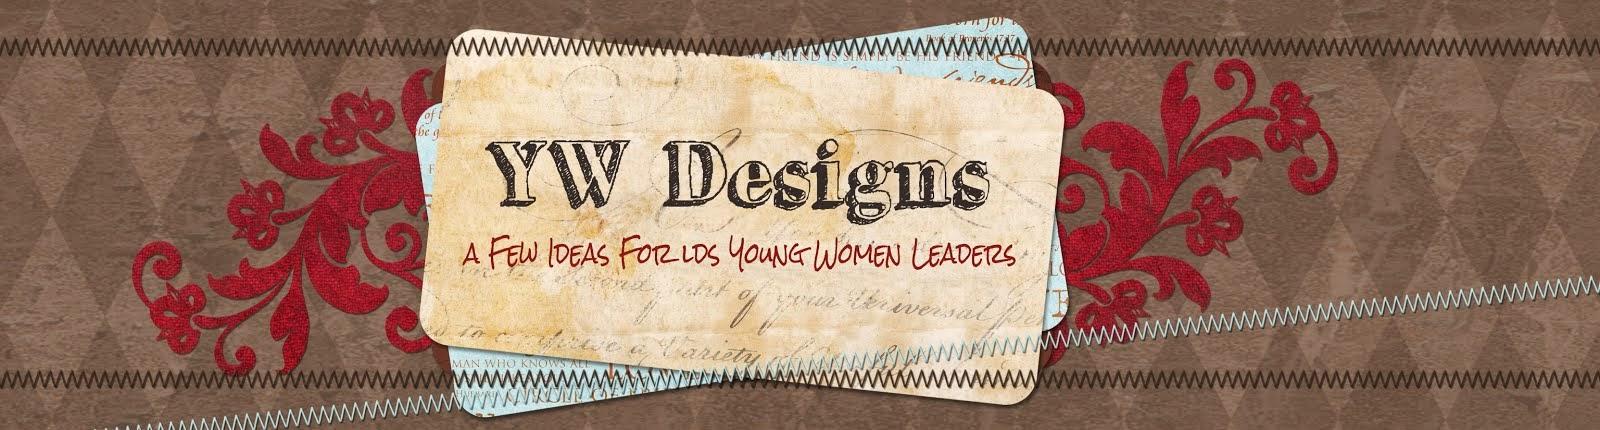 YW Designs